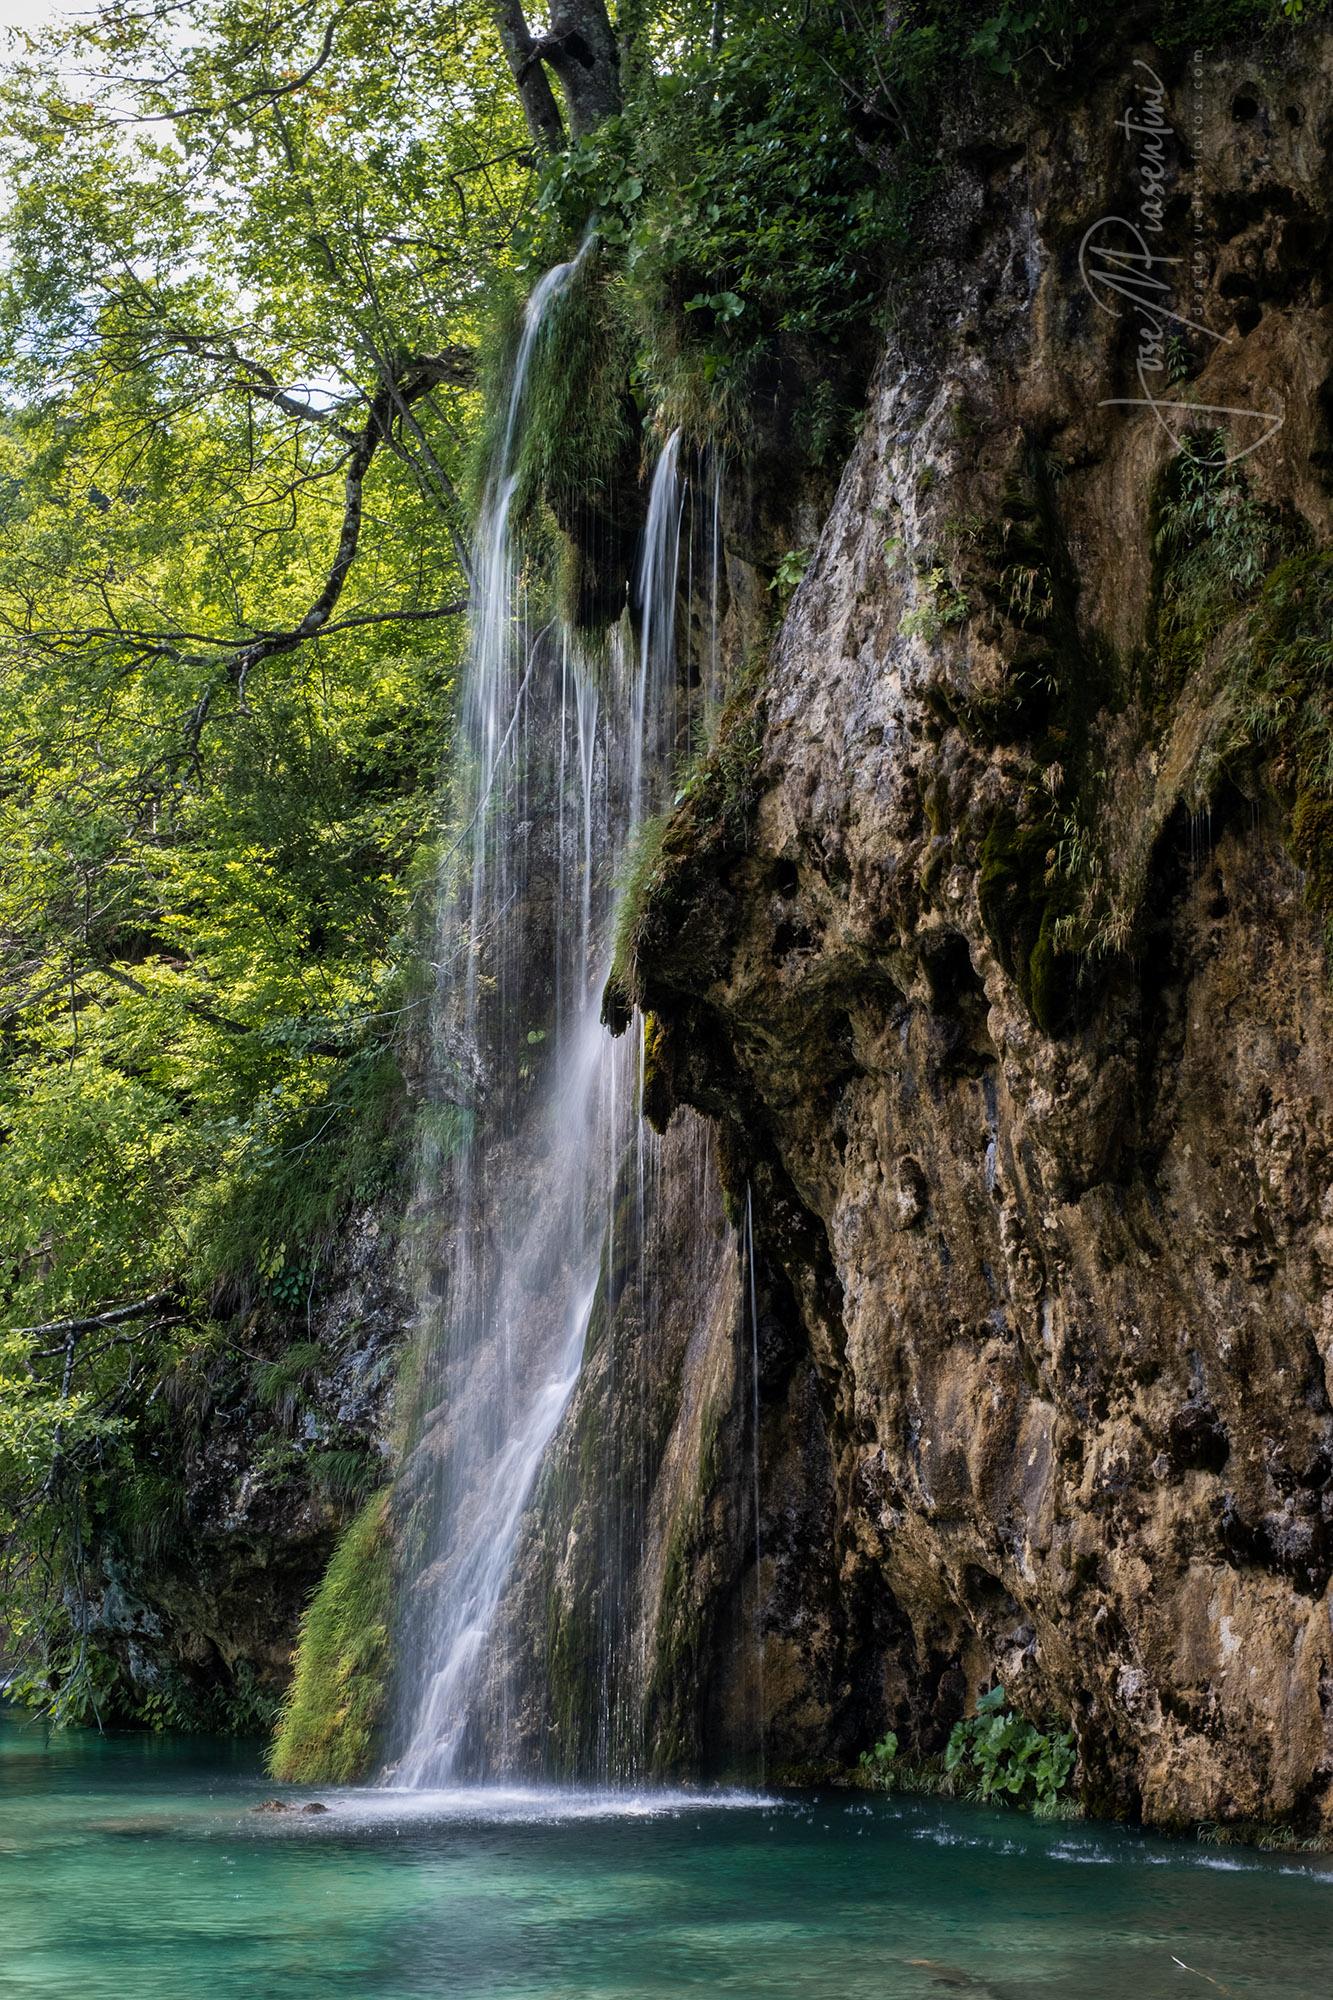 Parque Croacia Pilvitce en furgo